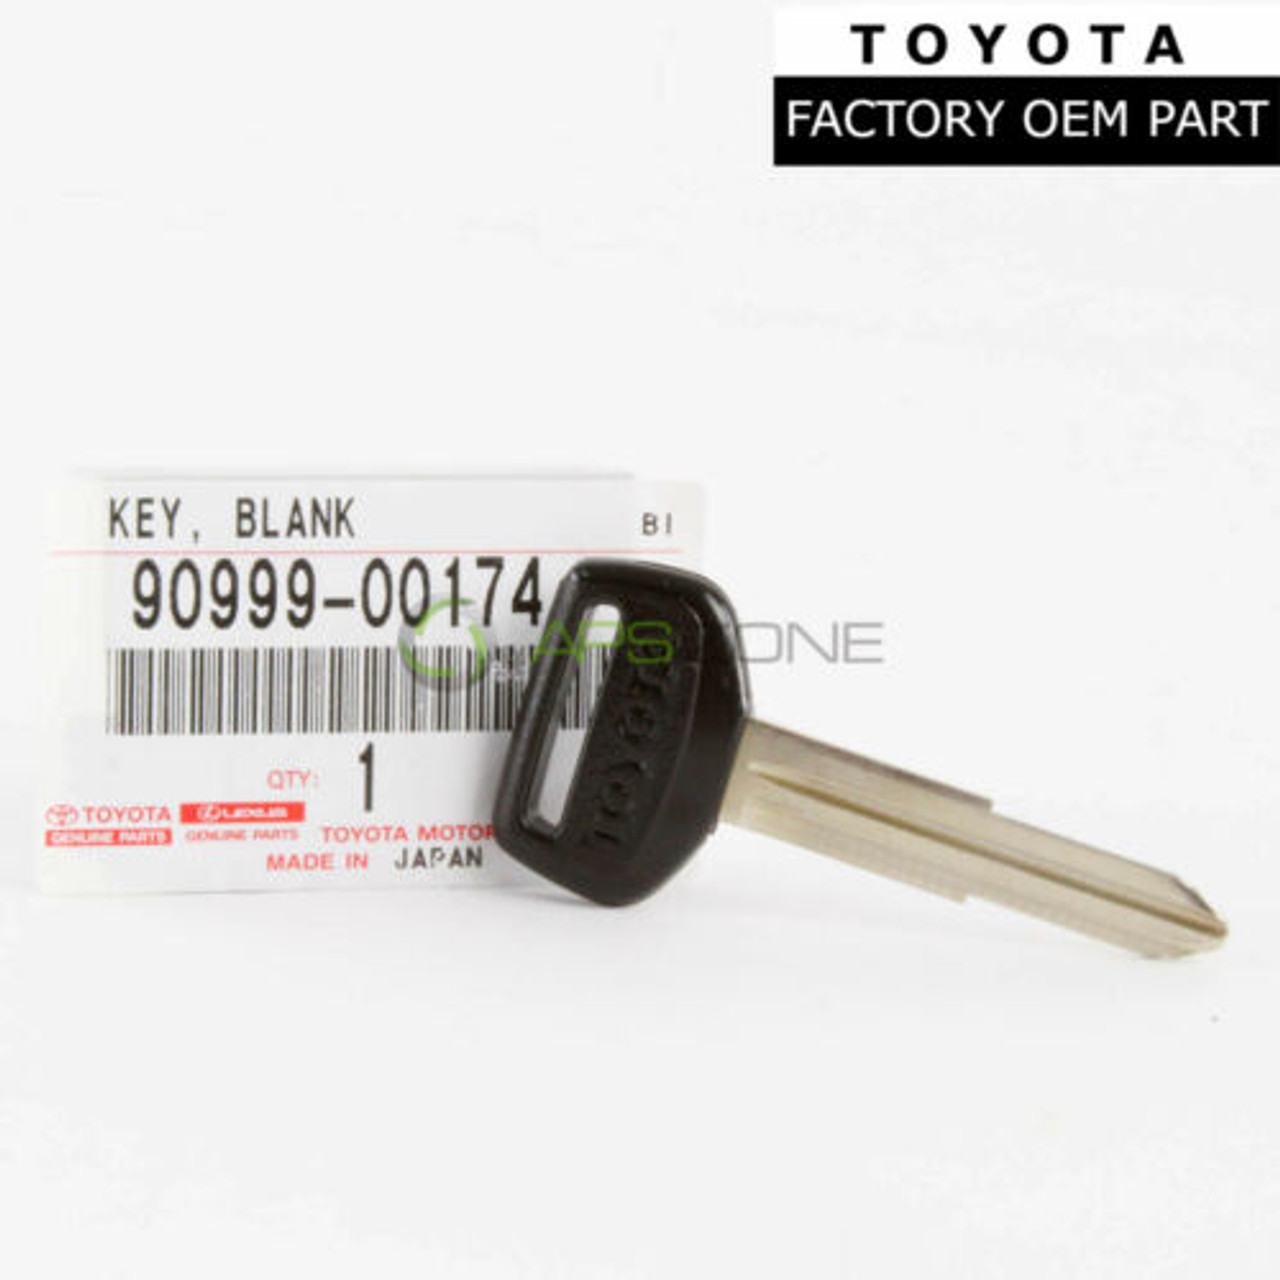 Toyota 90999-00174 Blank Key